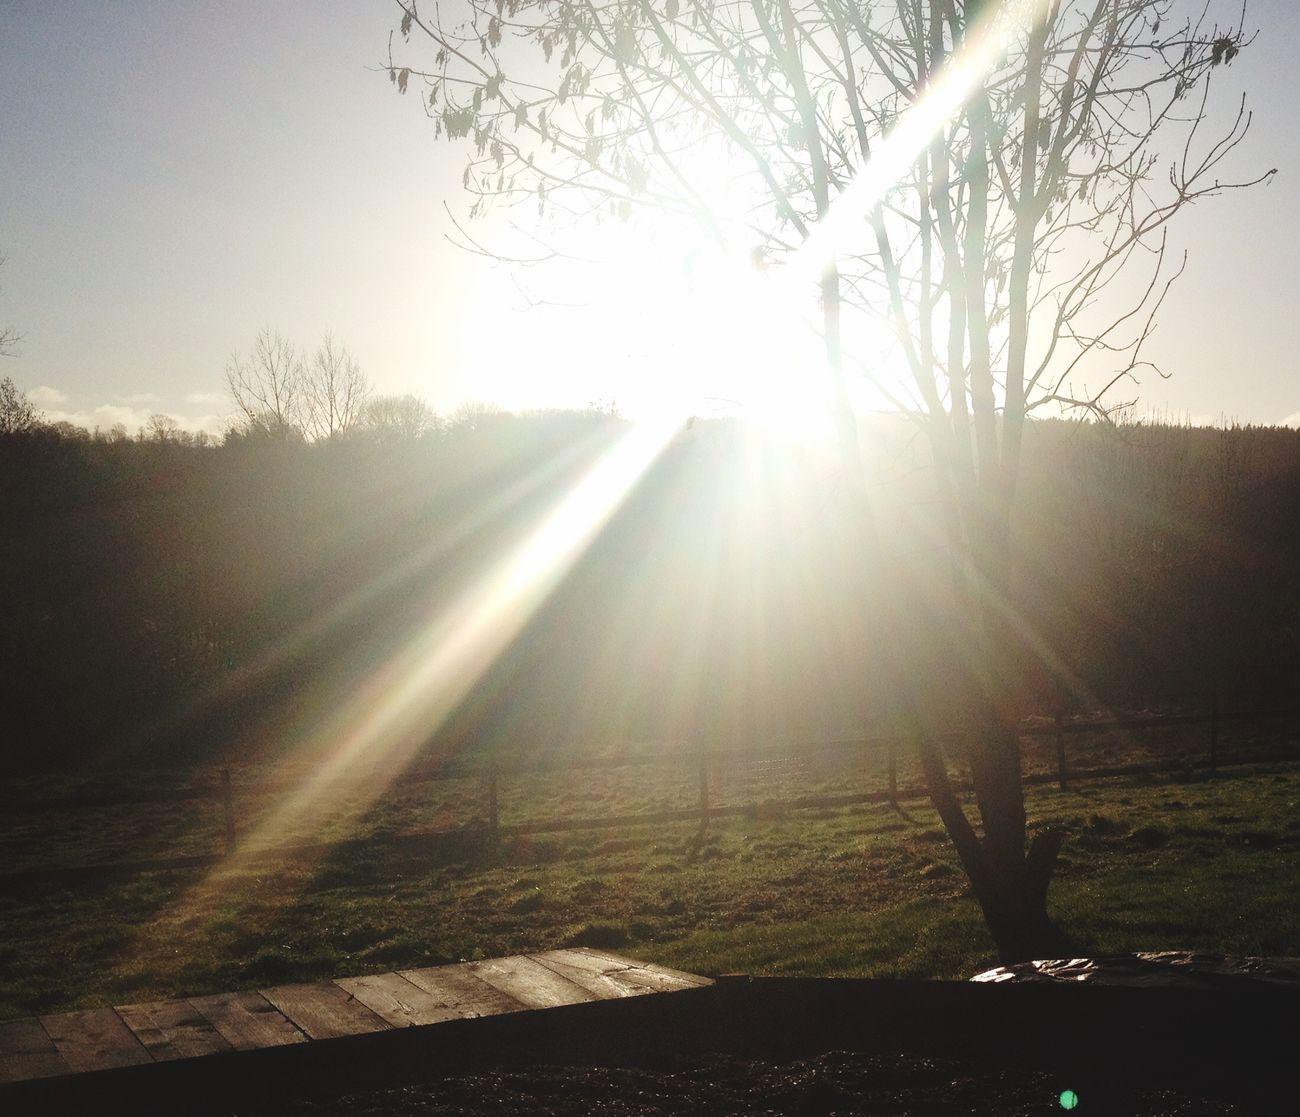 Lever du soleil un dimanche Magnifique #Photo !